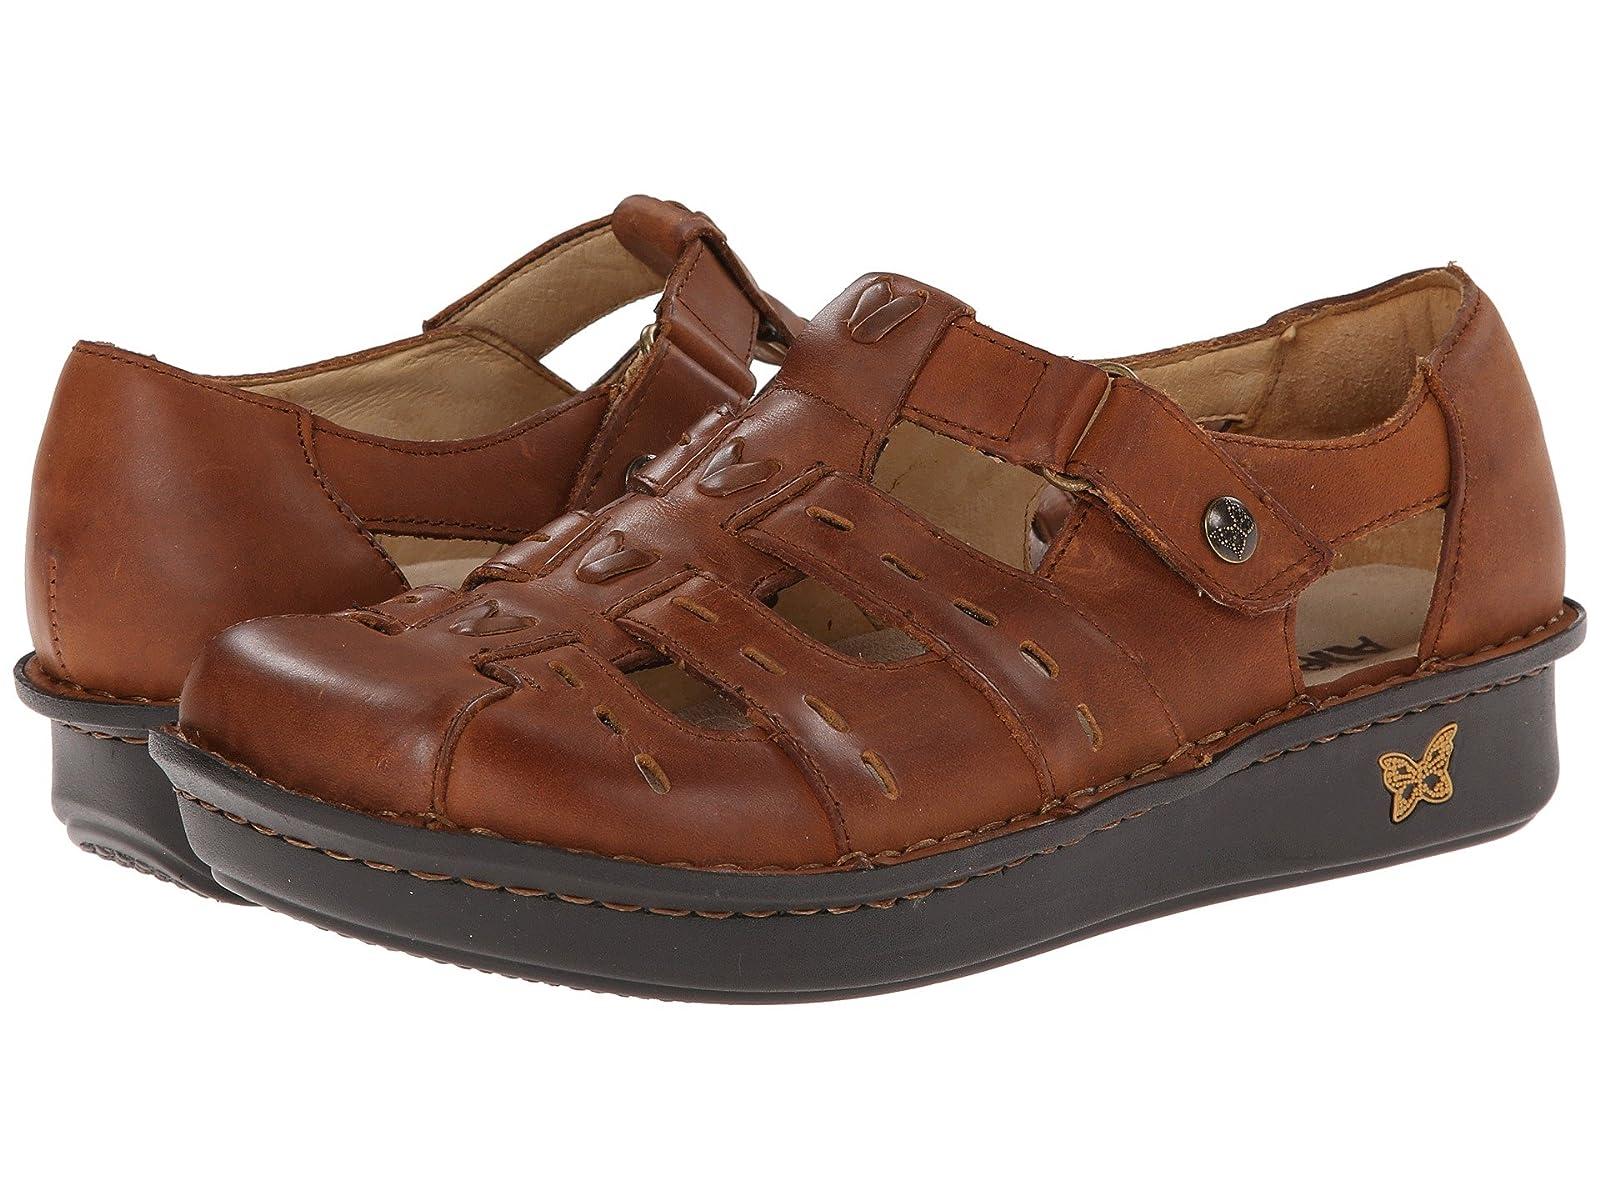 Alegria PescaEconomical and quality shoes